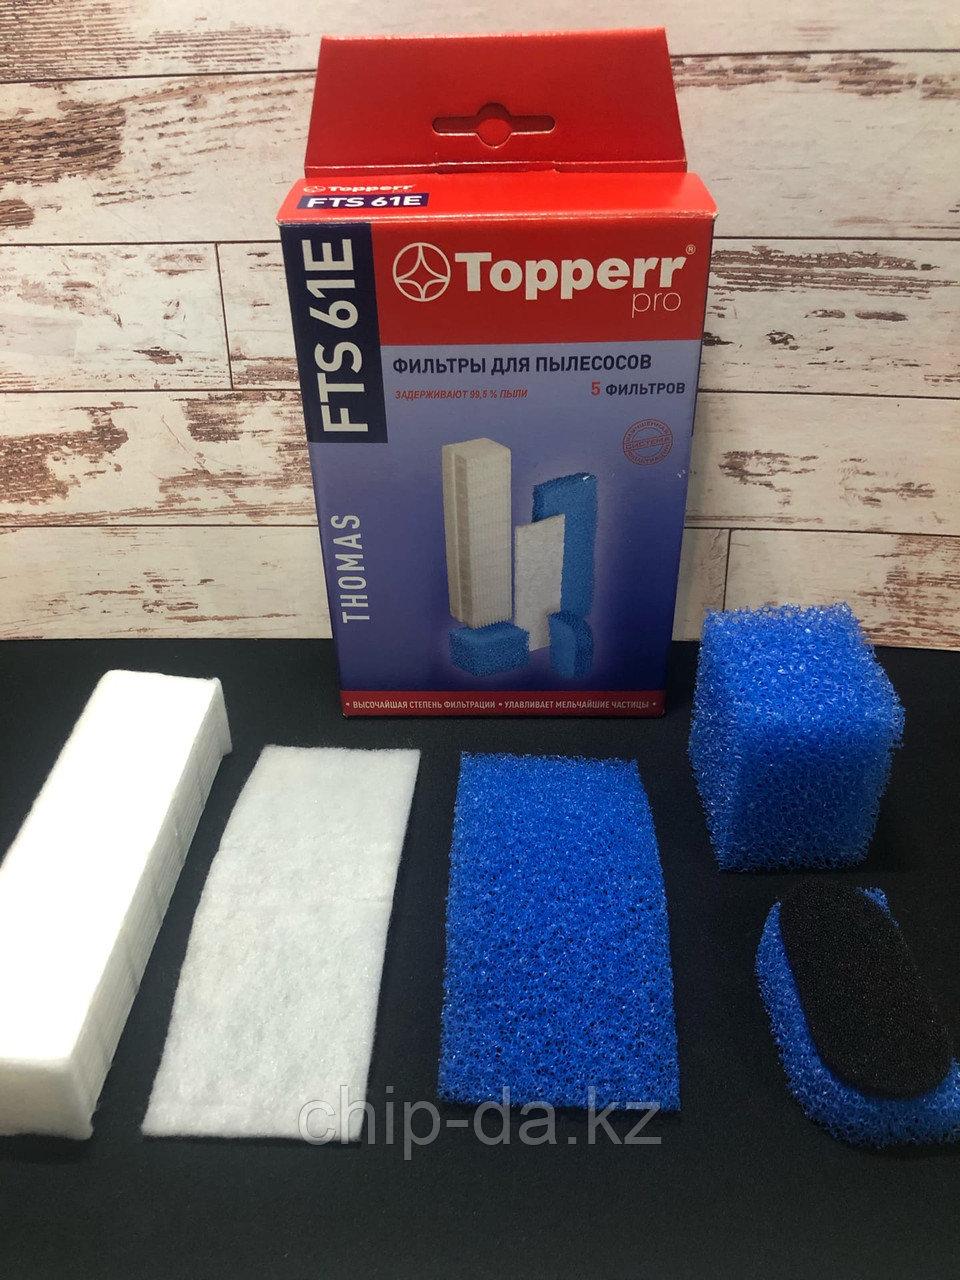 Фильтры для пылесоса Thomas Hygiene Plus T2